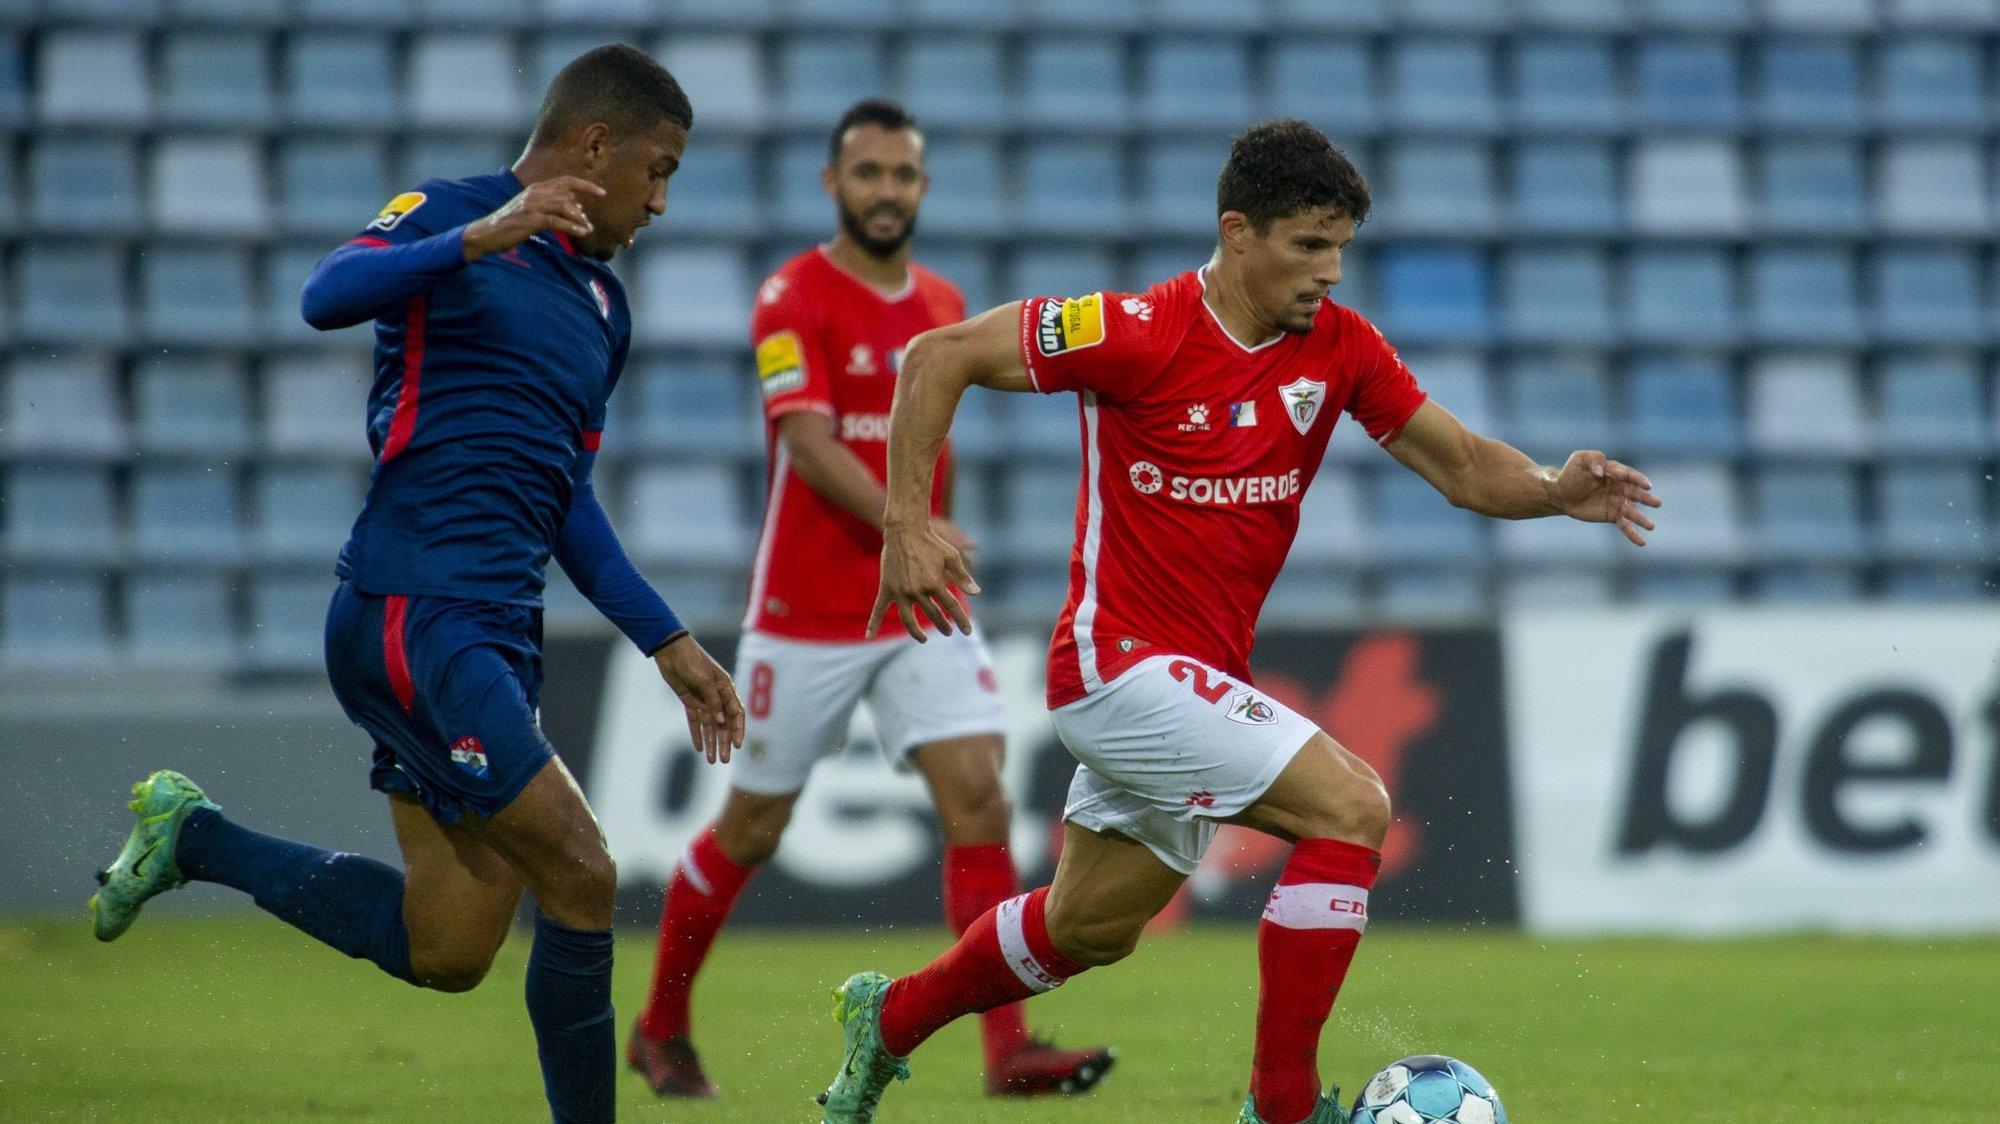 Rafael Ramos (D) do Santa Clara disputa a bola com Samuel Lino do Gil Vicente durante o jogo da Primeira Liga de Futebol, disputado no Estádio de São Miguel em Ponta Delgada, 29 de Agosto de 2021. EDUARDO COSTA/LUSA